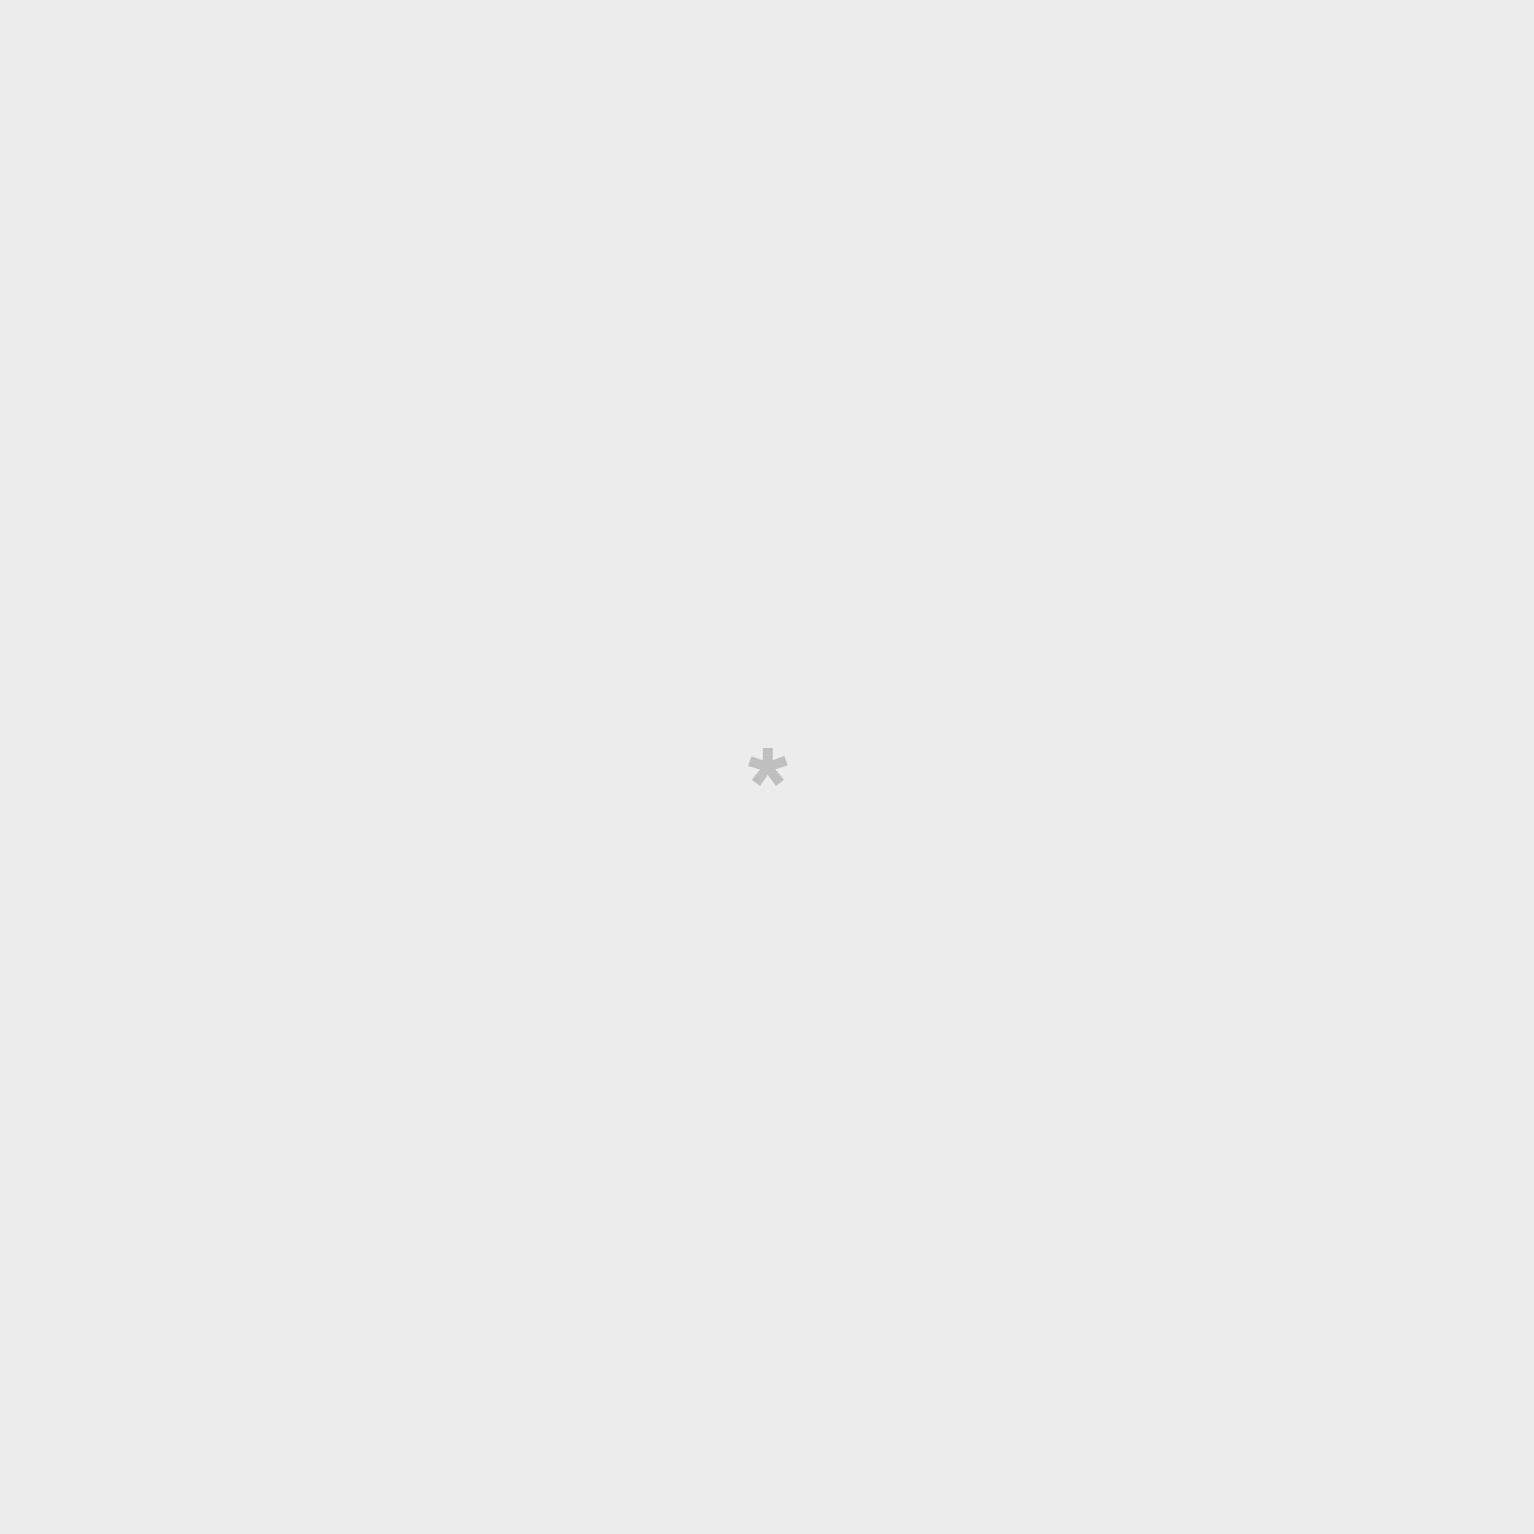 Caderno pequeno - Hoje, sem falta